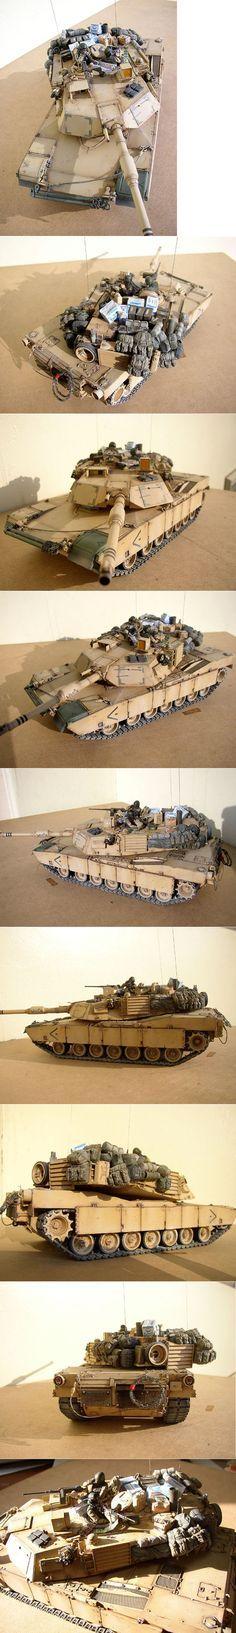 M1A1 , robotmin : 네이버 블로그